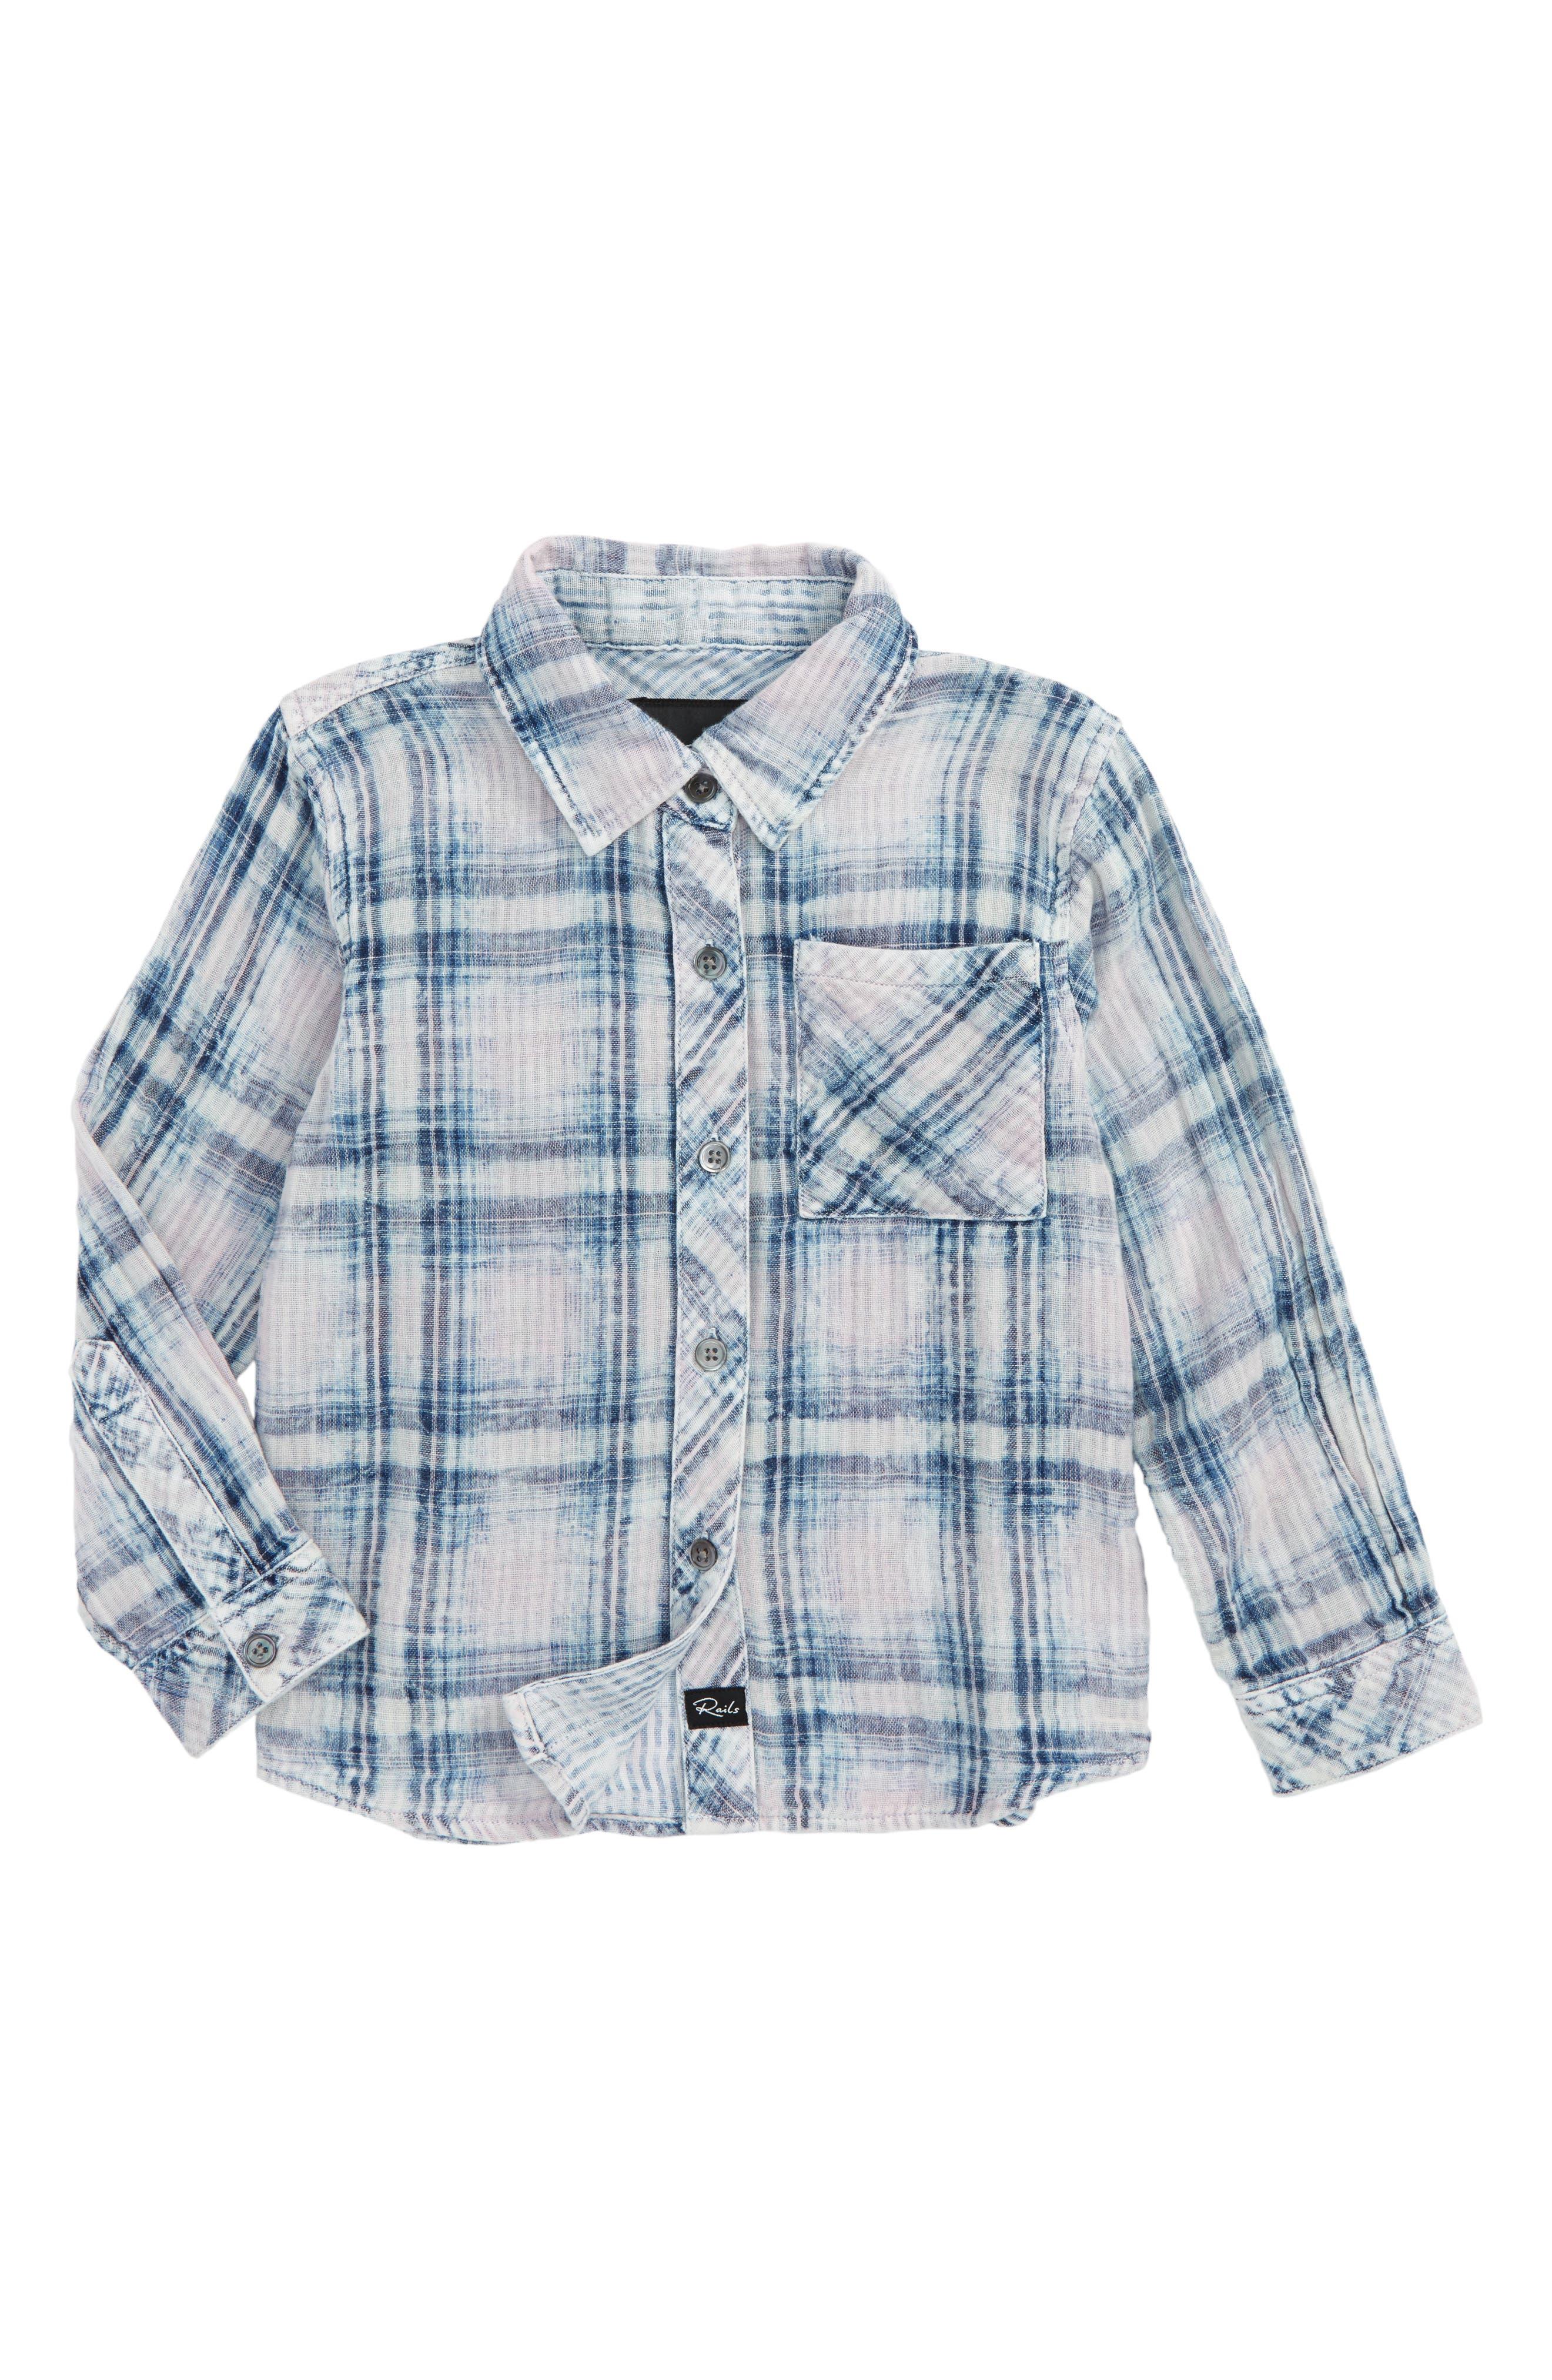 Hudson Plaid Shirt,                         Main,                         color, Rose / Indigo